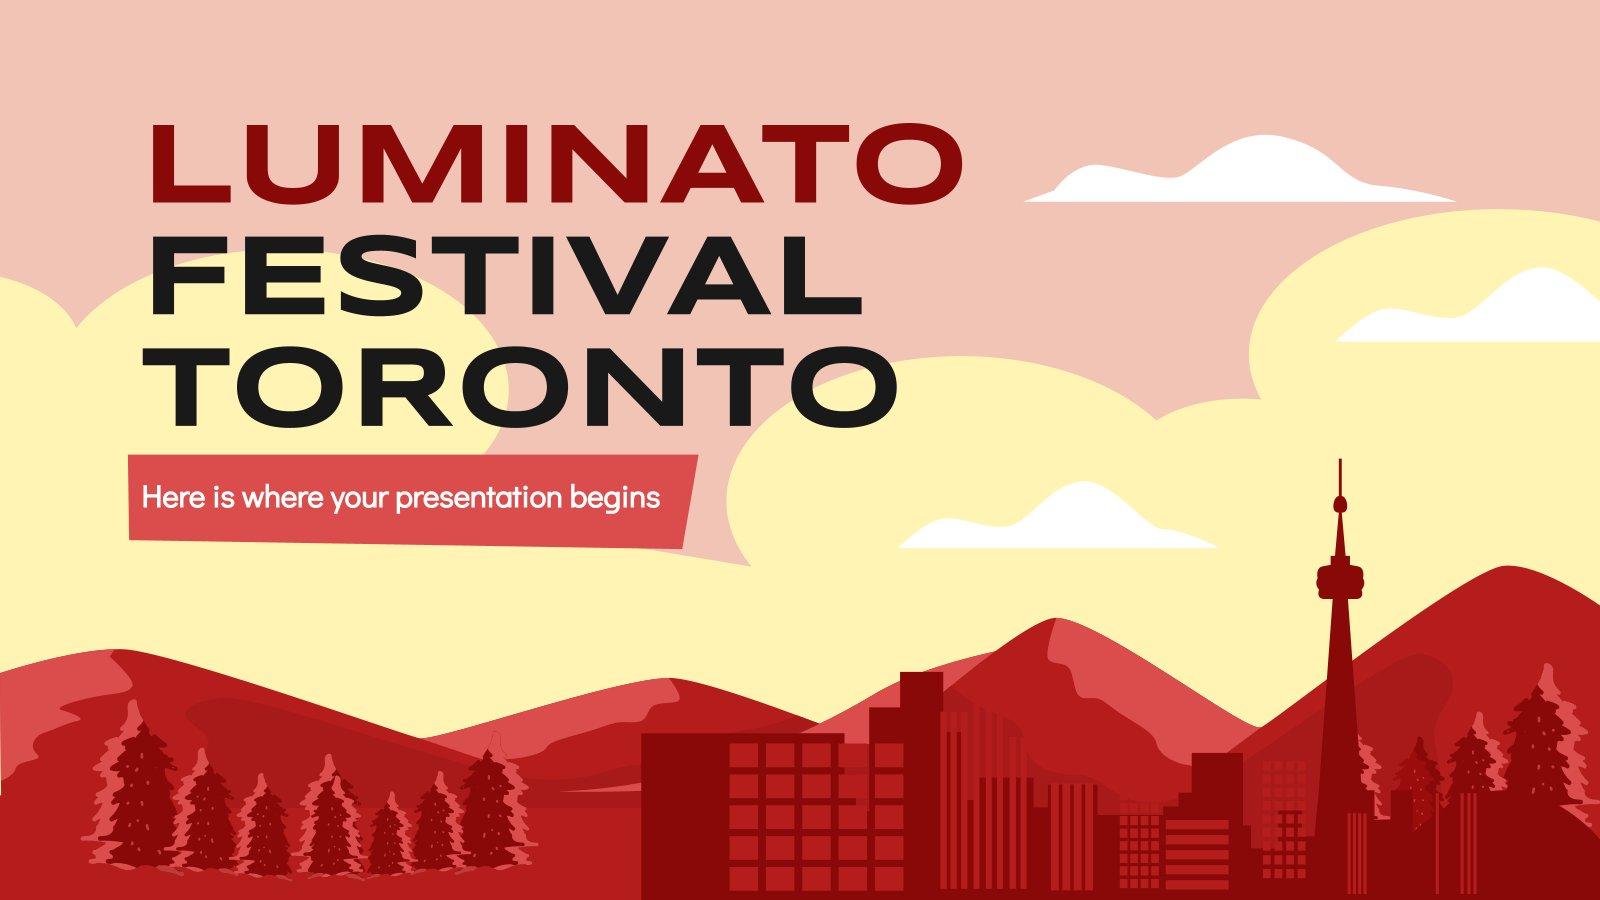 Plantilla de presentación Festival Luminato de Toronto